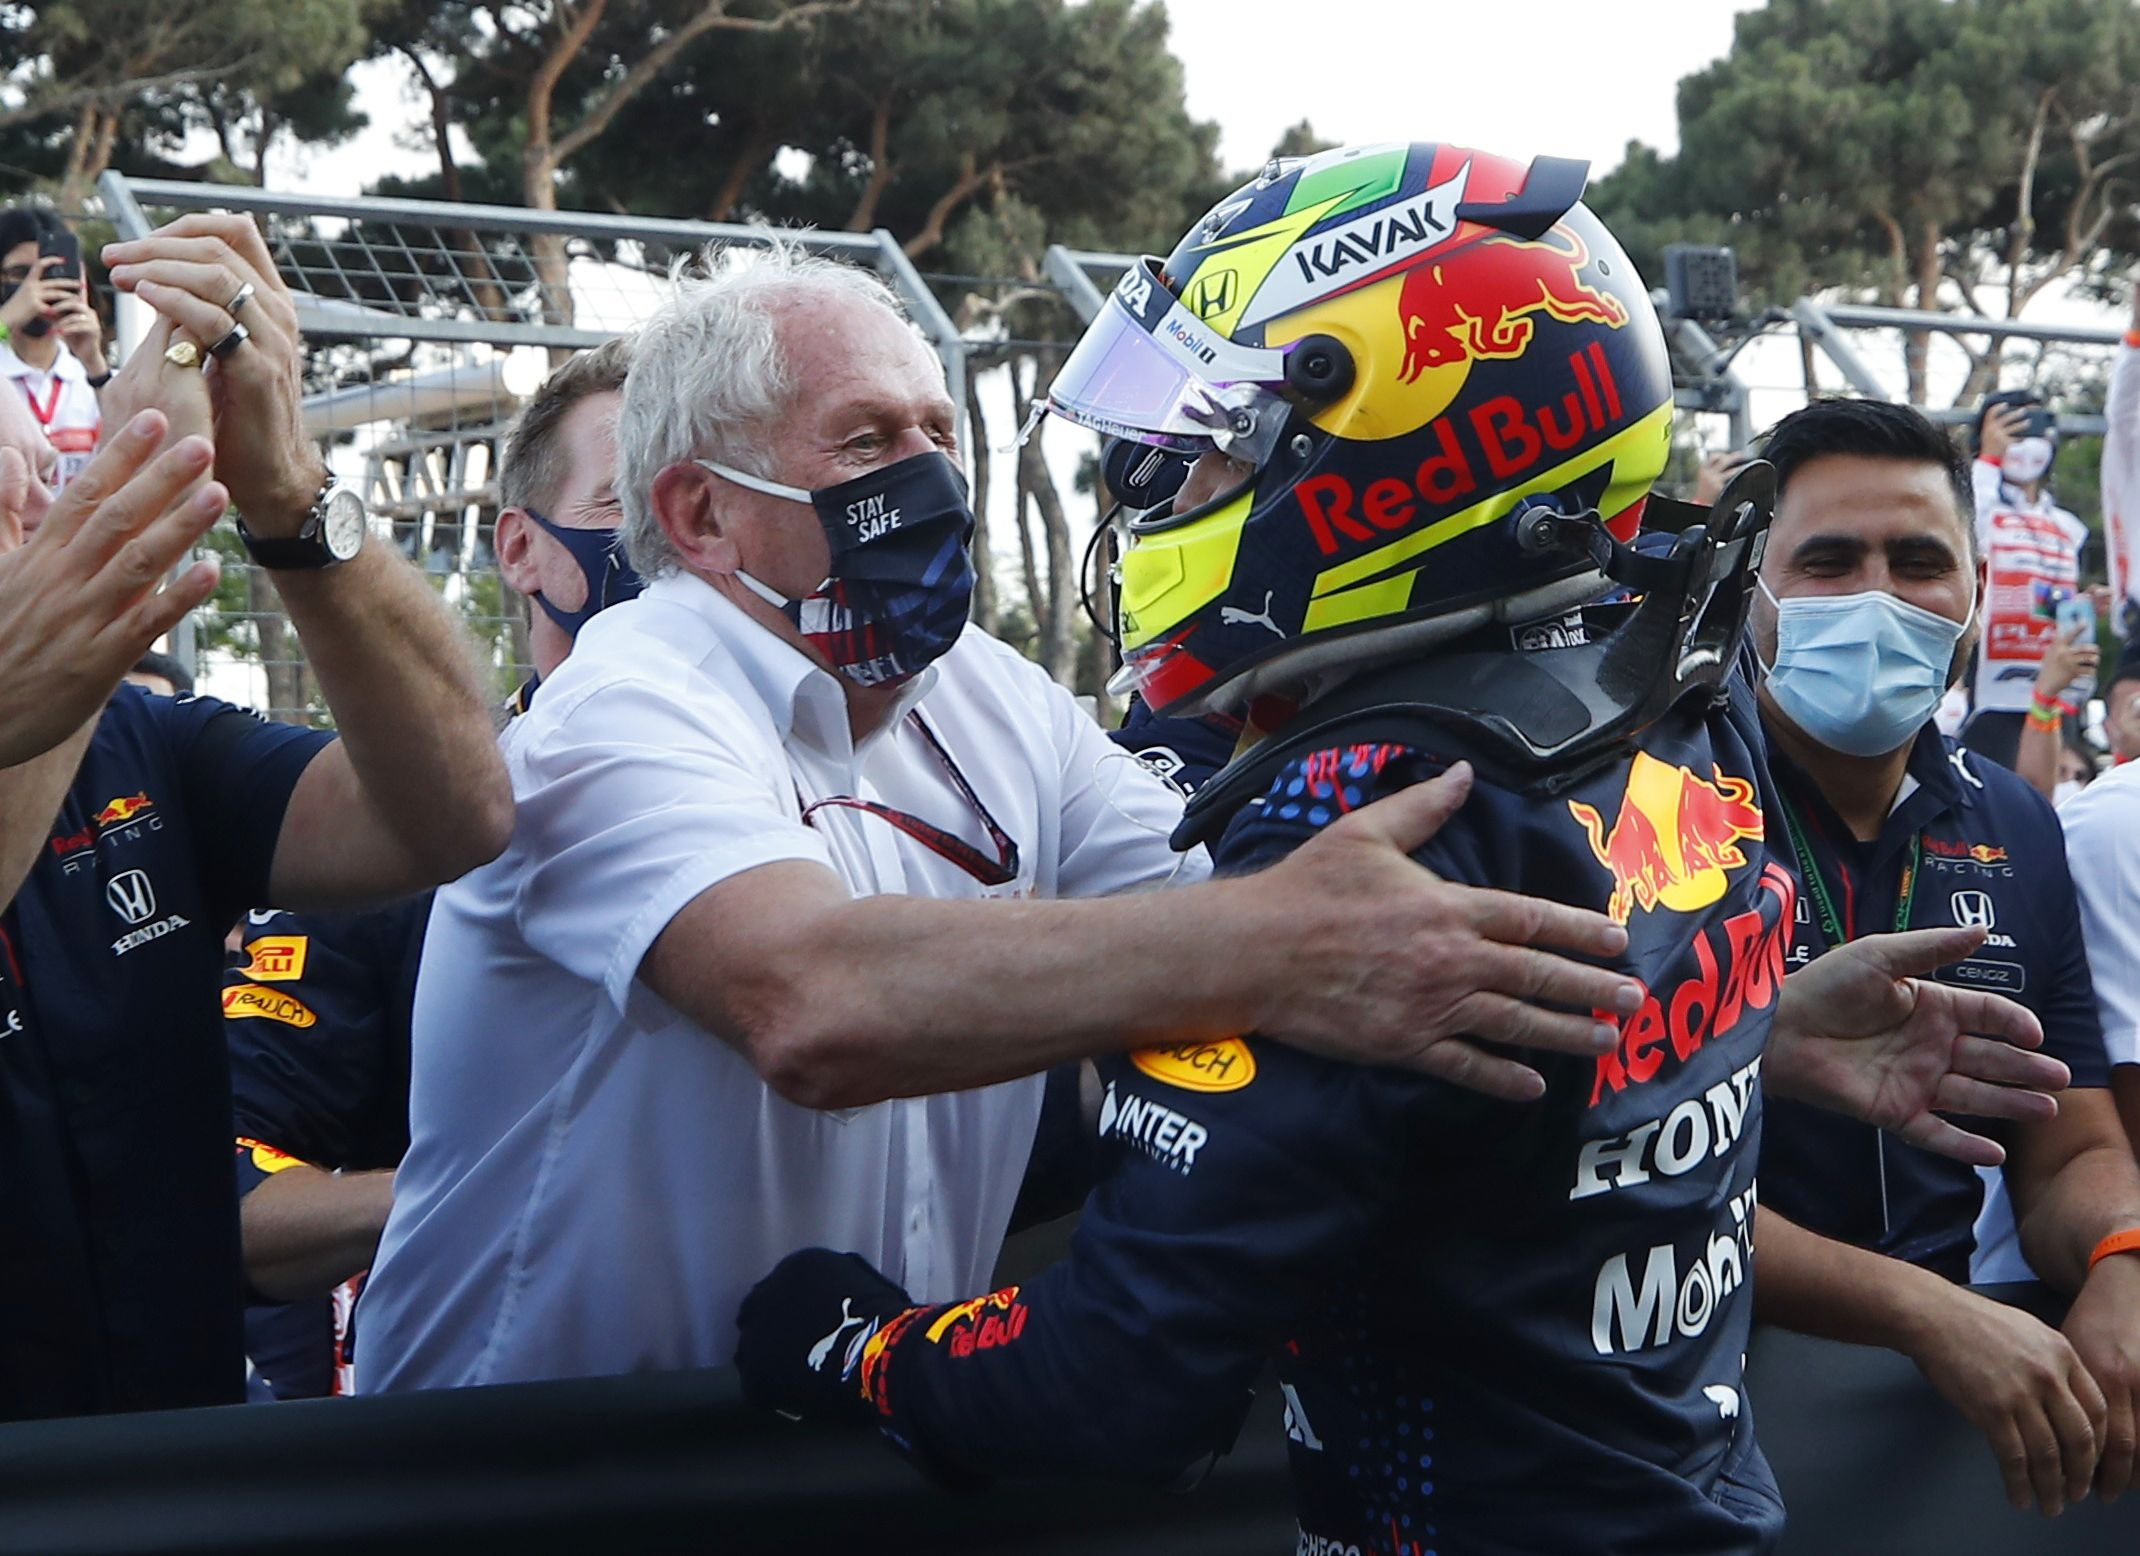 Helmut Marko es uno de los asesores en Red Bull que mayor polémica genera al exterior de la escudería (Foto: REUTERS/Maxim Shemetov)